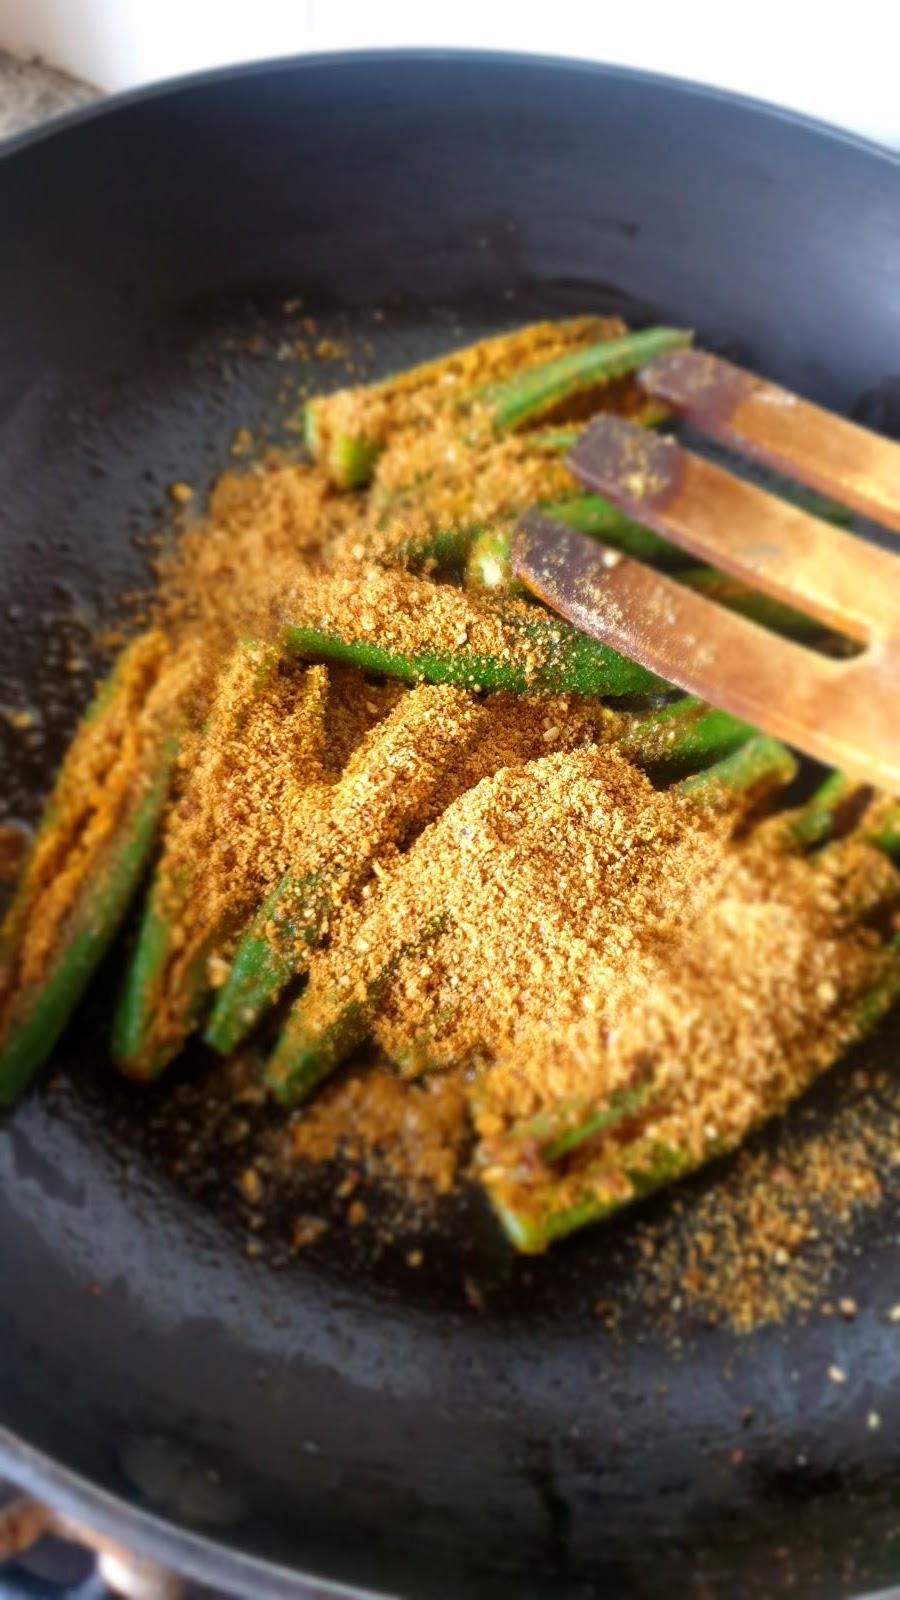 pan frying bharwa bhindi